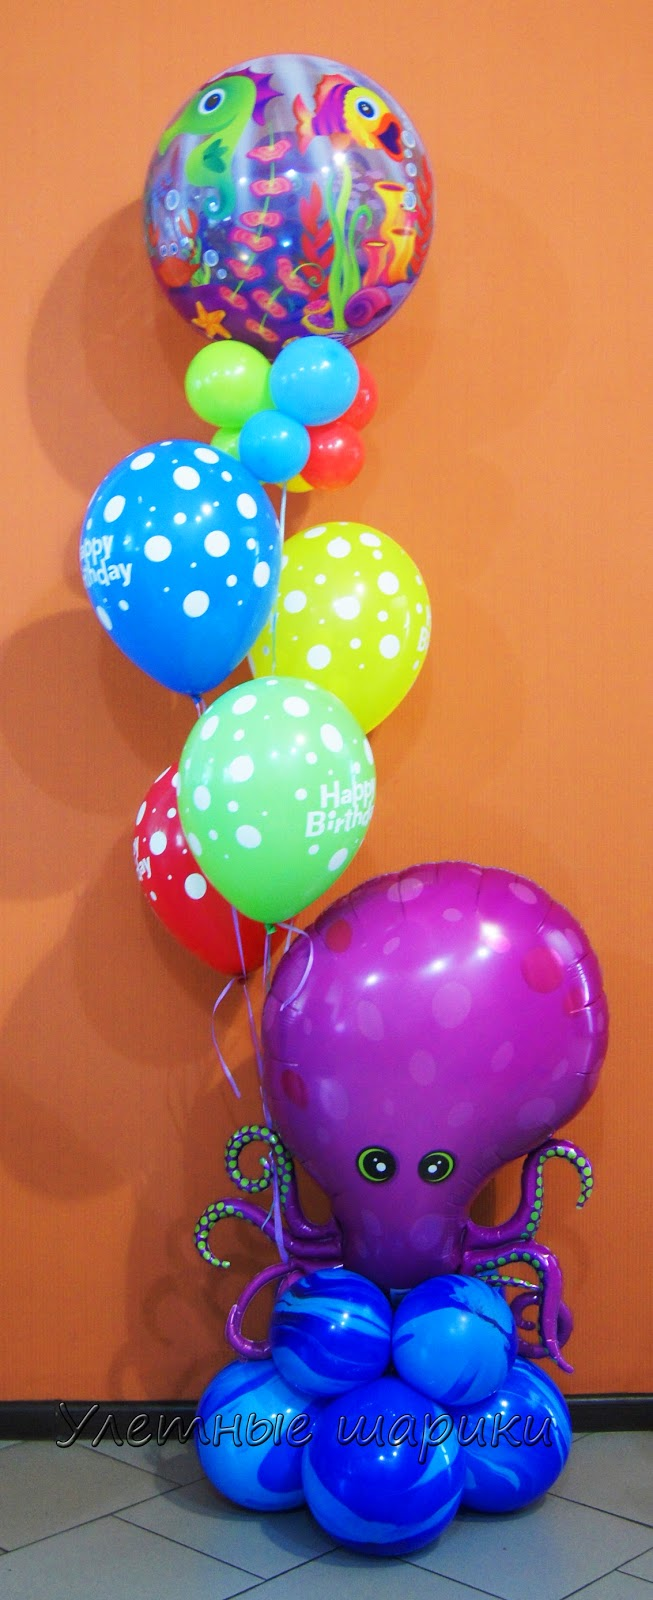 Букет на день рождения с осьминогом из воздушных шариков